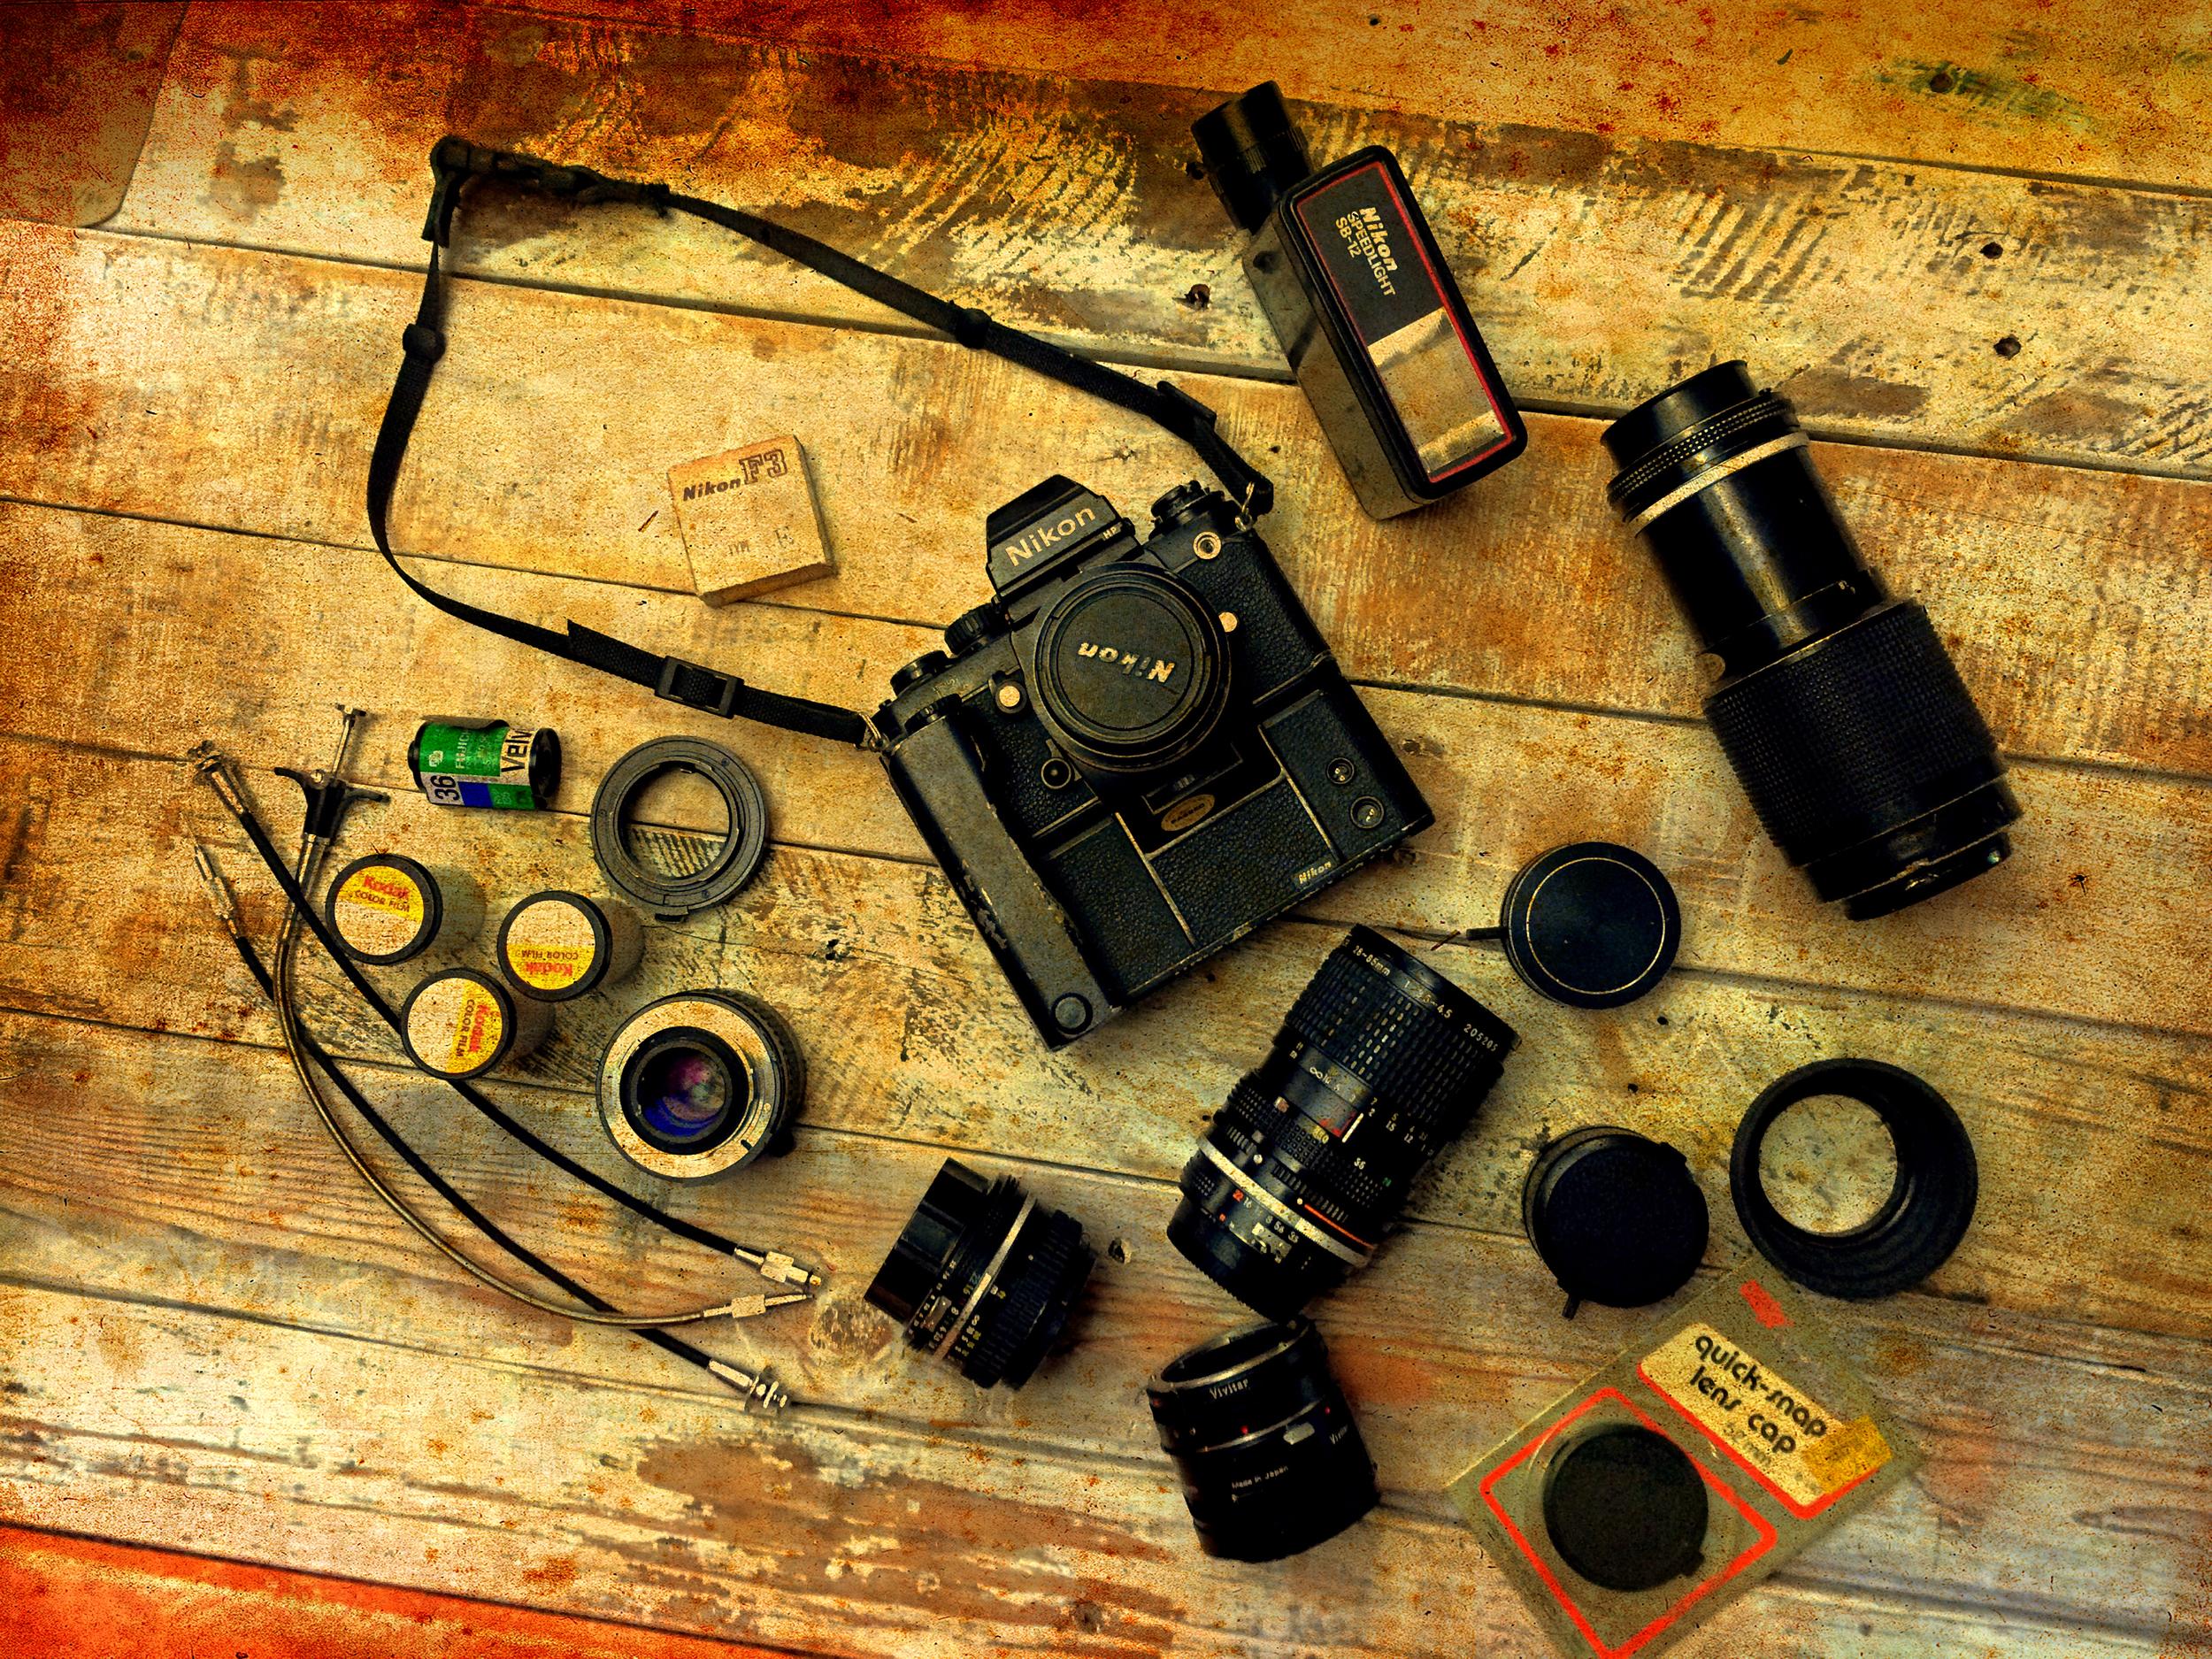 Nikon F3- back in the film days